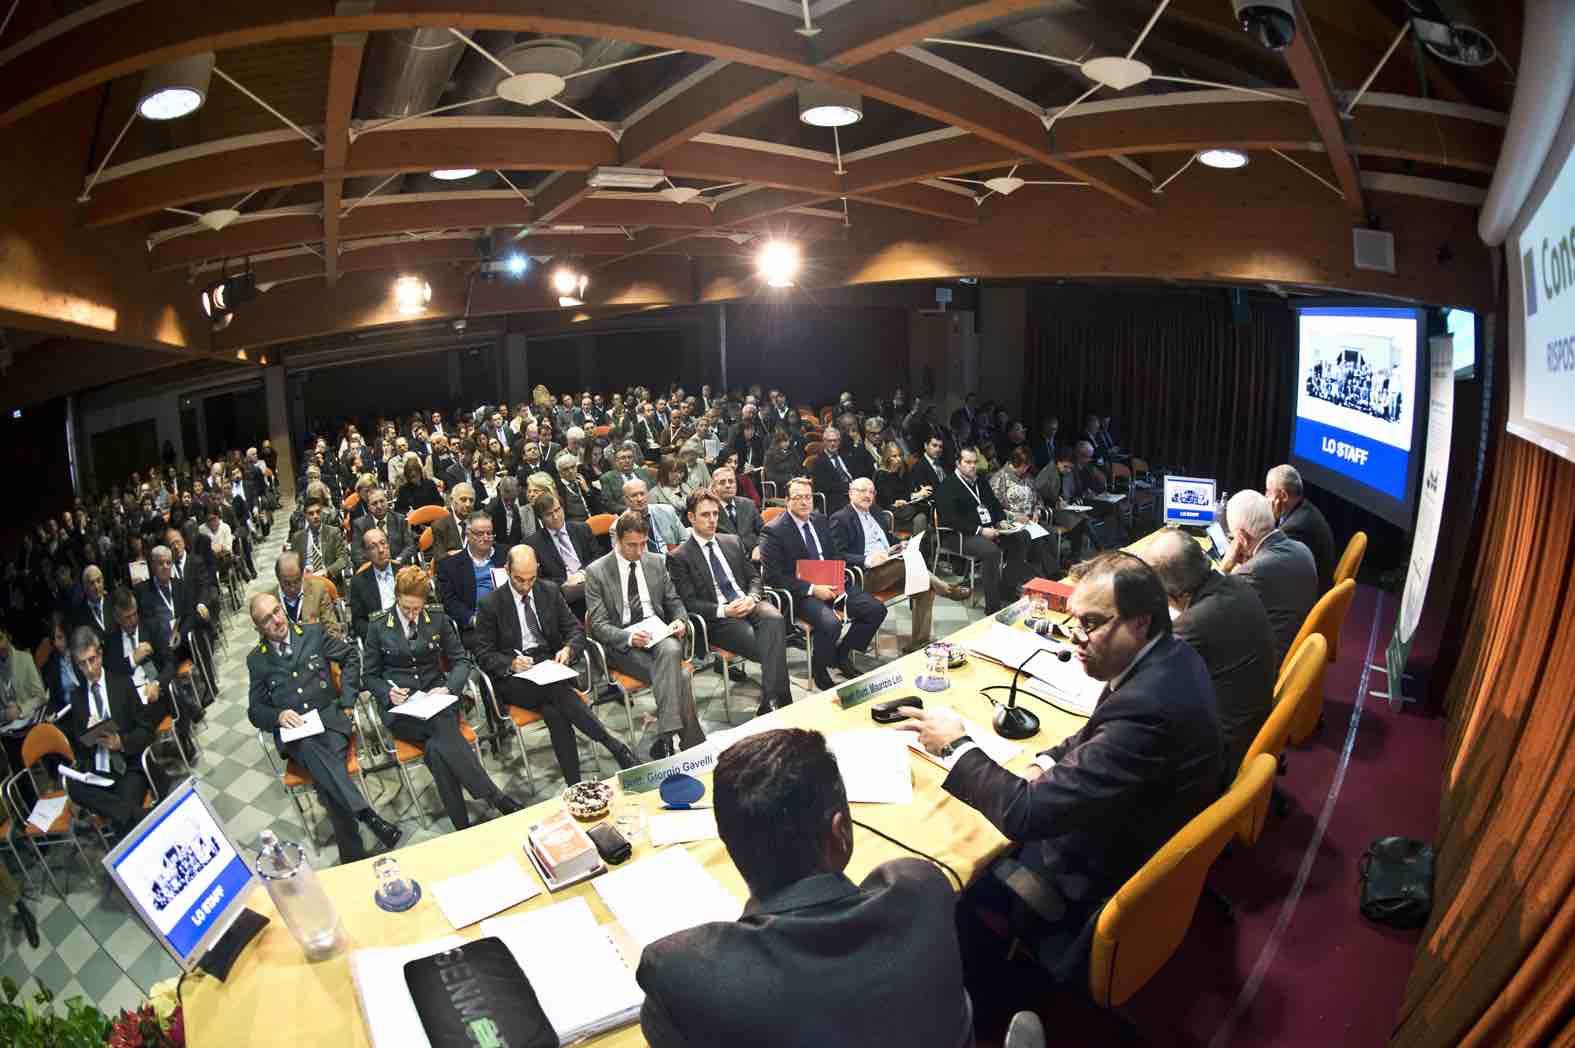 Legge di stabilità 2016: anteprima a Cervia il 19 dicembre al convegno con il vice presidente del Cons. Sup. Magistratura Michele Vietti